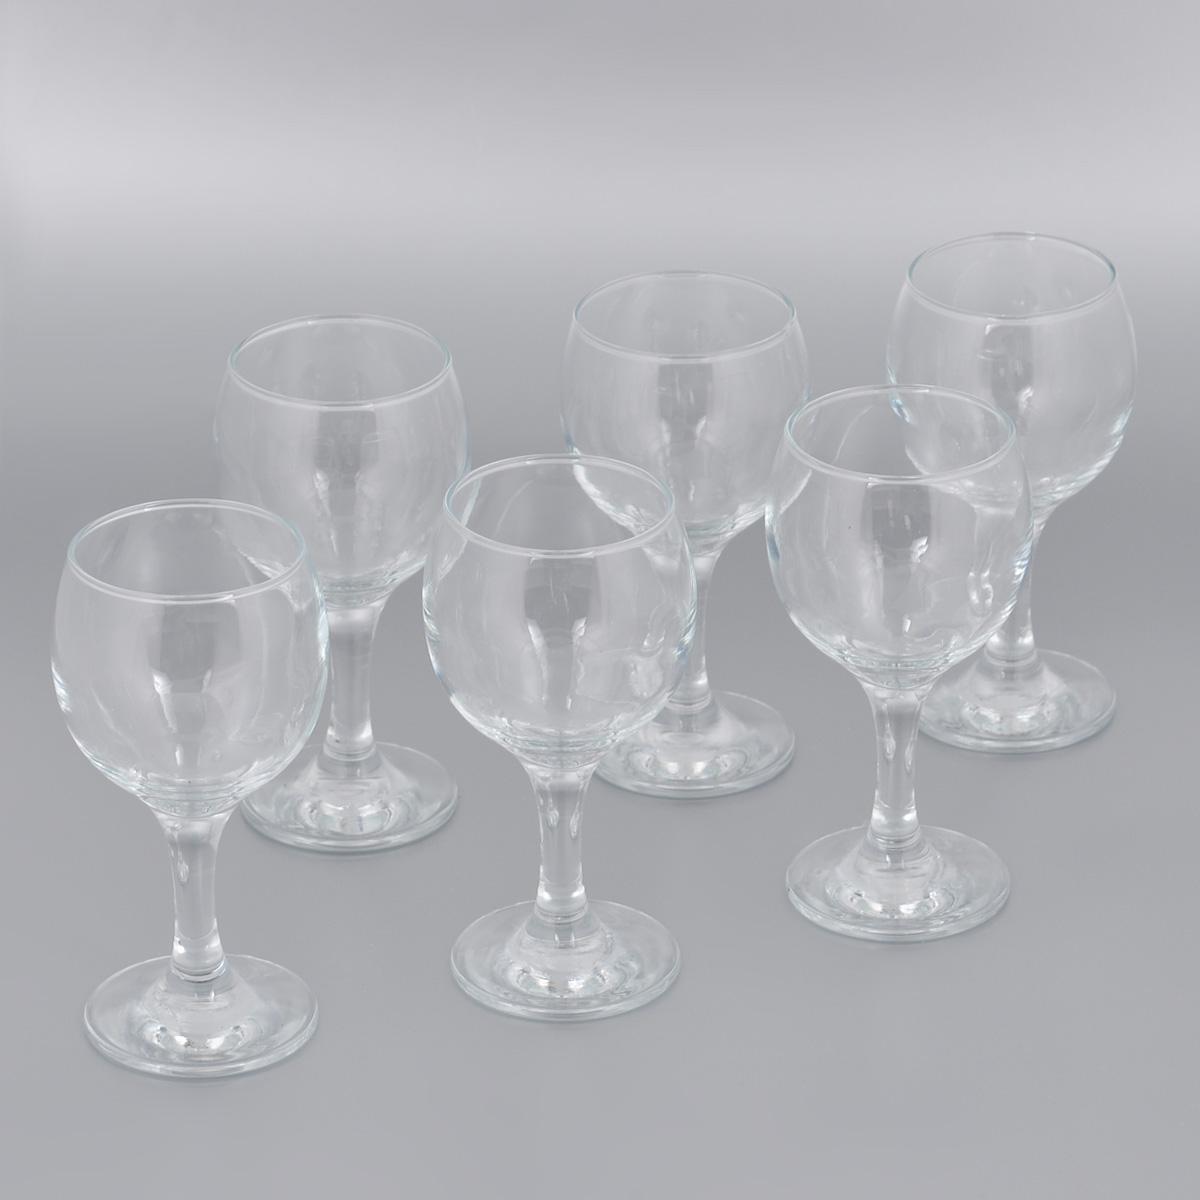 """Набор Pasabahce """"Bistro"""" состоит из шести бокалов, выполненных из прочного натрий-кальций-силикатного стекла. Бокалы предназначены для подачи красного вина. Они сочетают в себе элегантный дизайн и функциональность. Благодаря такому набору пить напитки будет еще вкуснее.Набор бокалов Pasabahce """"Bistro"""" прекрасно оформит праздничный стол и создаст приятную атмосферу за романтическим ужином. Такой набор также станет хорошим подарком к любому случаю. Можно мыть в посудомоечной машине и использовать в микроволновой печи.Диаметр бокала (по верхнему краю): 6 см. Высота бокала: 15 см."""